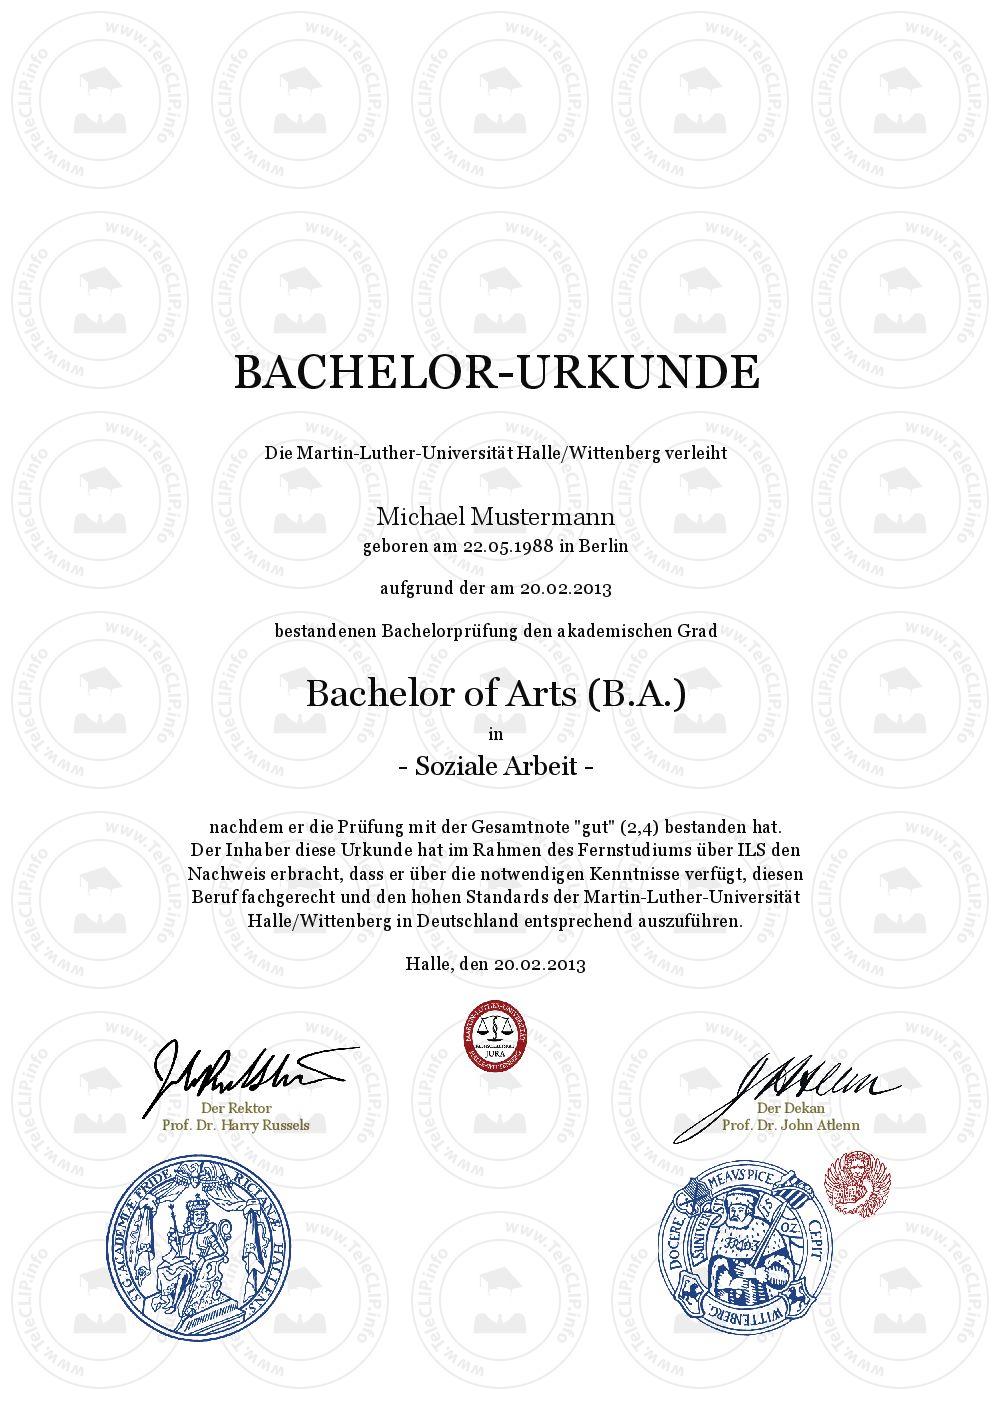 Bachelor kaufen, FH Bachelor kaufen, Bachelor Urkunde erwerben ...